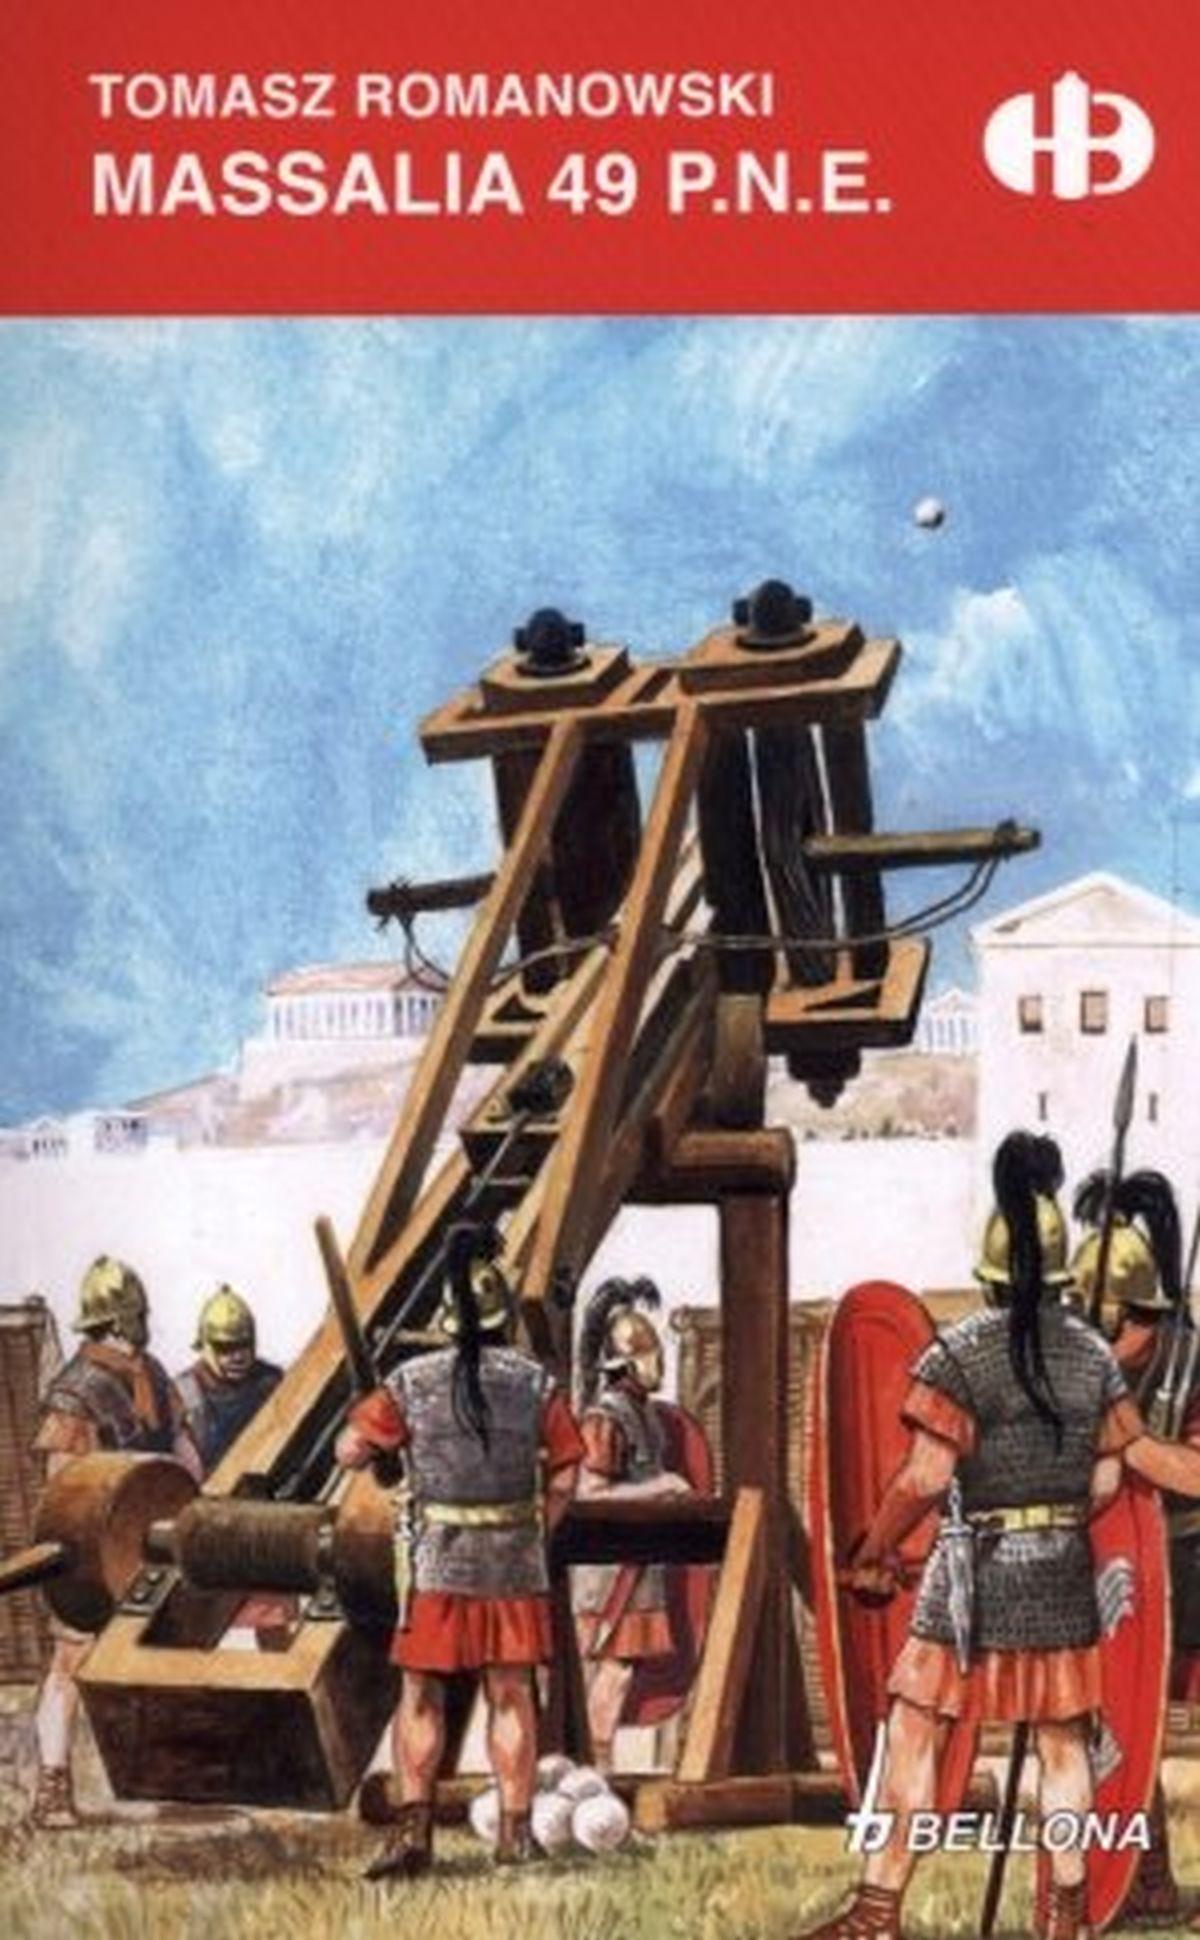 Massilia 49 p.n.e.